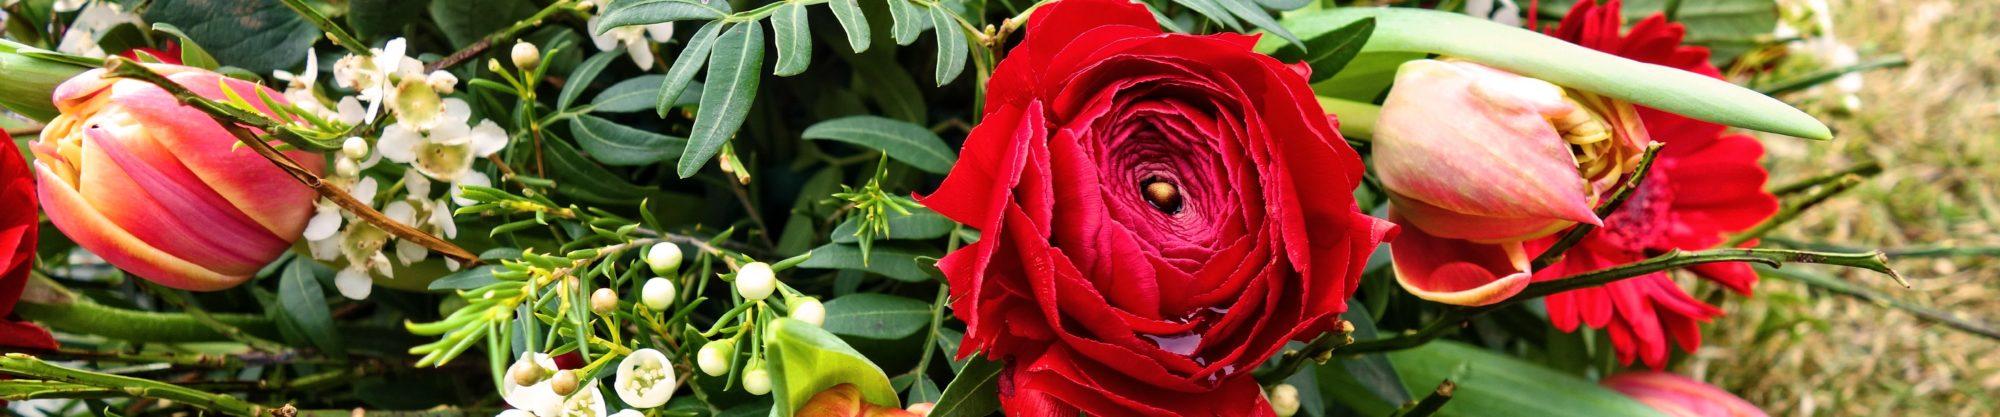 flower-3212787